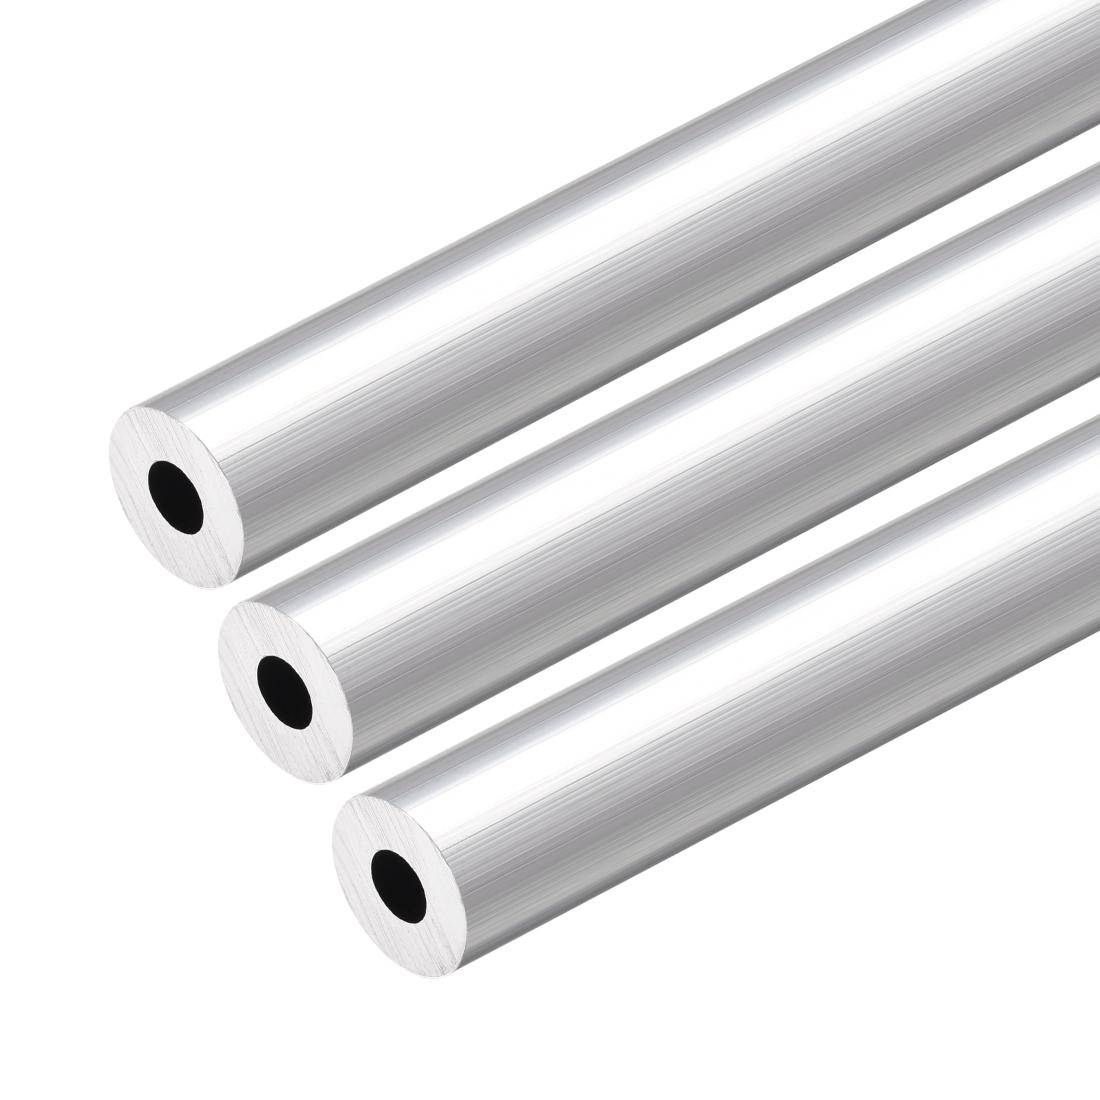 6063 Aluminum Round Tube 300mm Length 12mm OD 5mm Inner Dia Seamless Tubing 3pcs